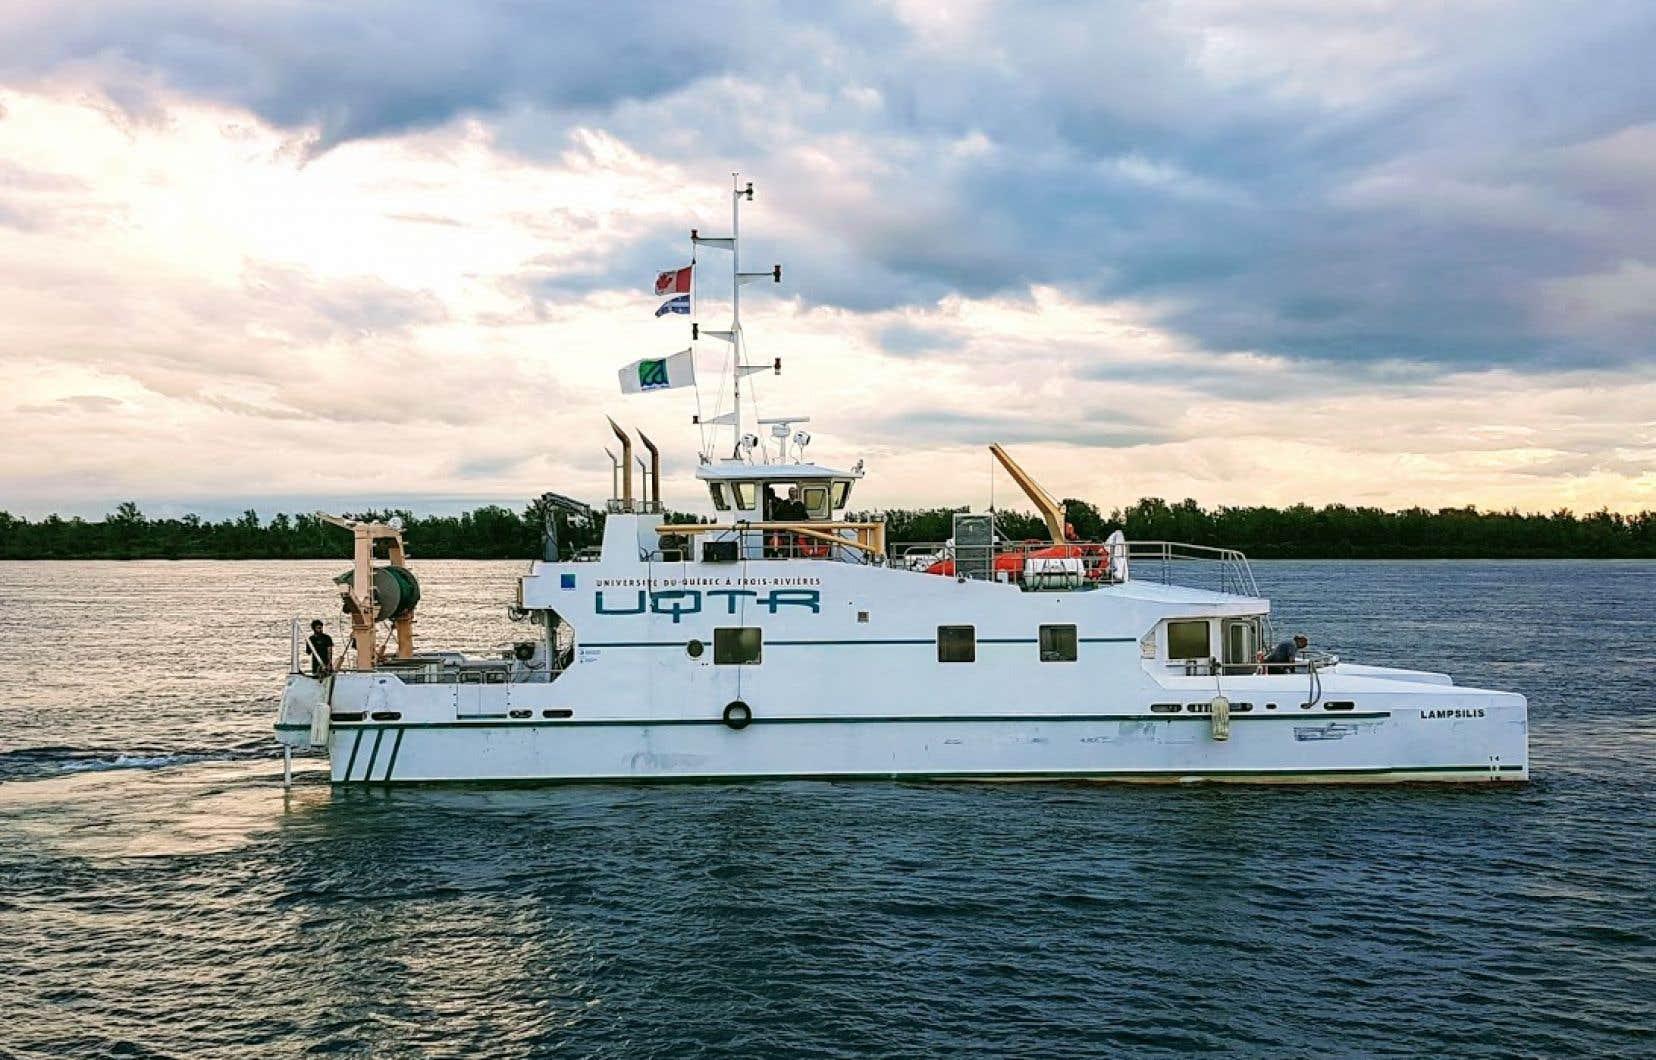 L'équipe de chercheurs du «N/R Lampsilis» a sillonné le Saint-Laurent en juillet2017 et 2018 pour dresser un portrait détaillé de l'état du fleuve.